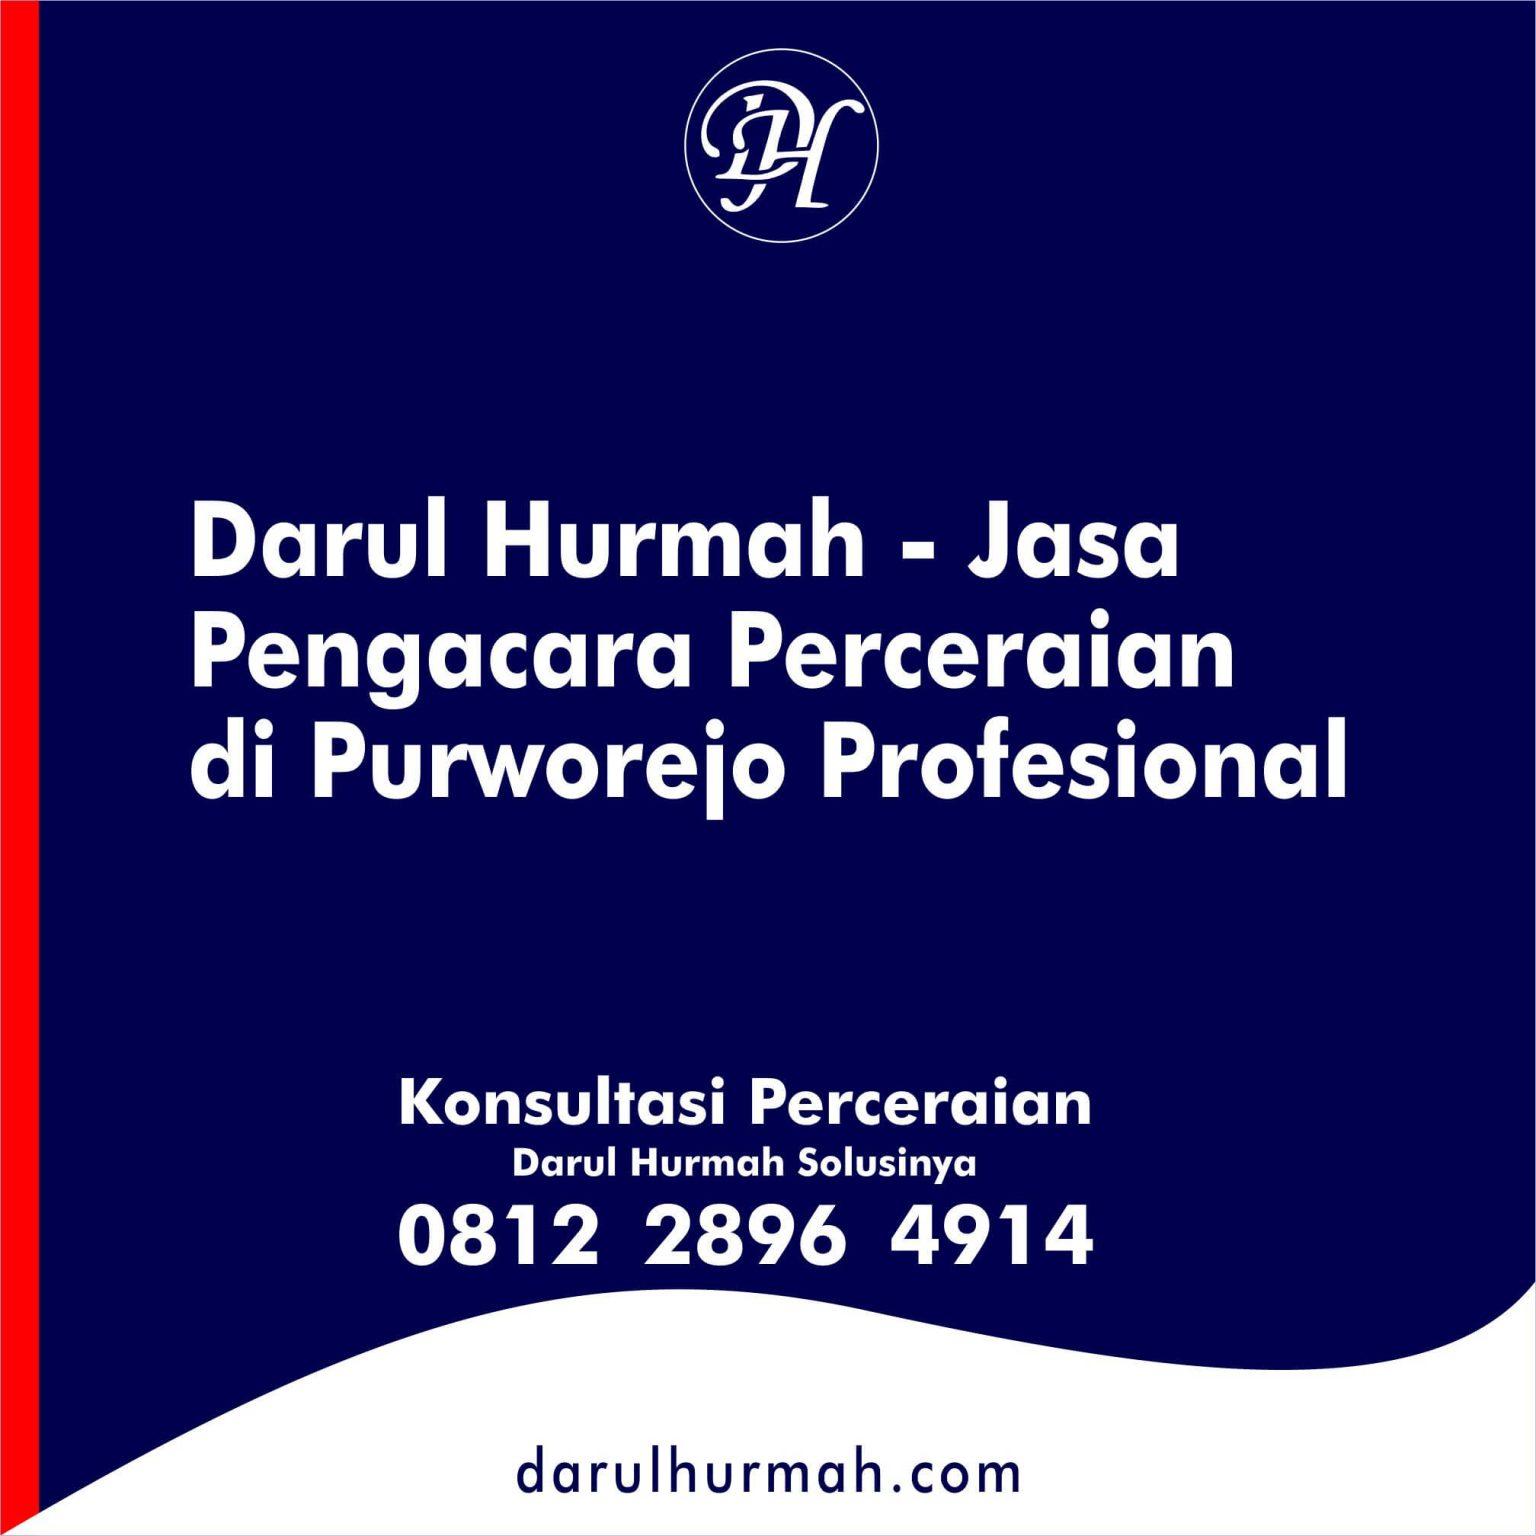 33. Darul Hurmah - Jasa Pengacara Perceraian di Purworejo Profesional